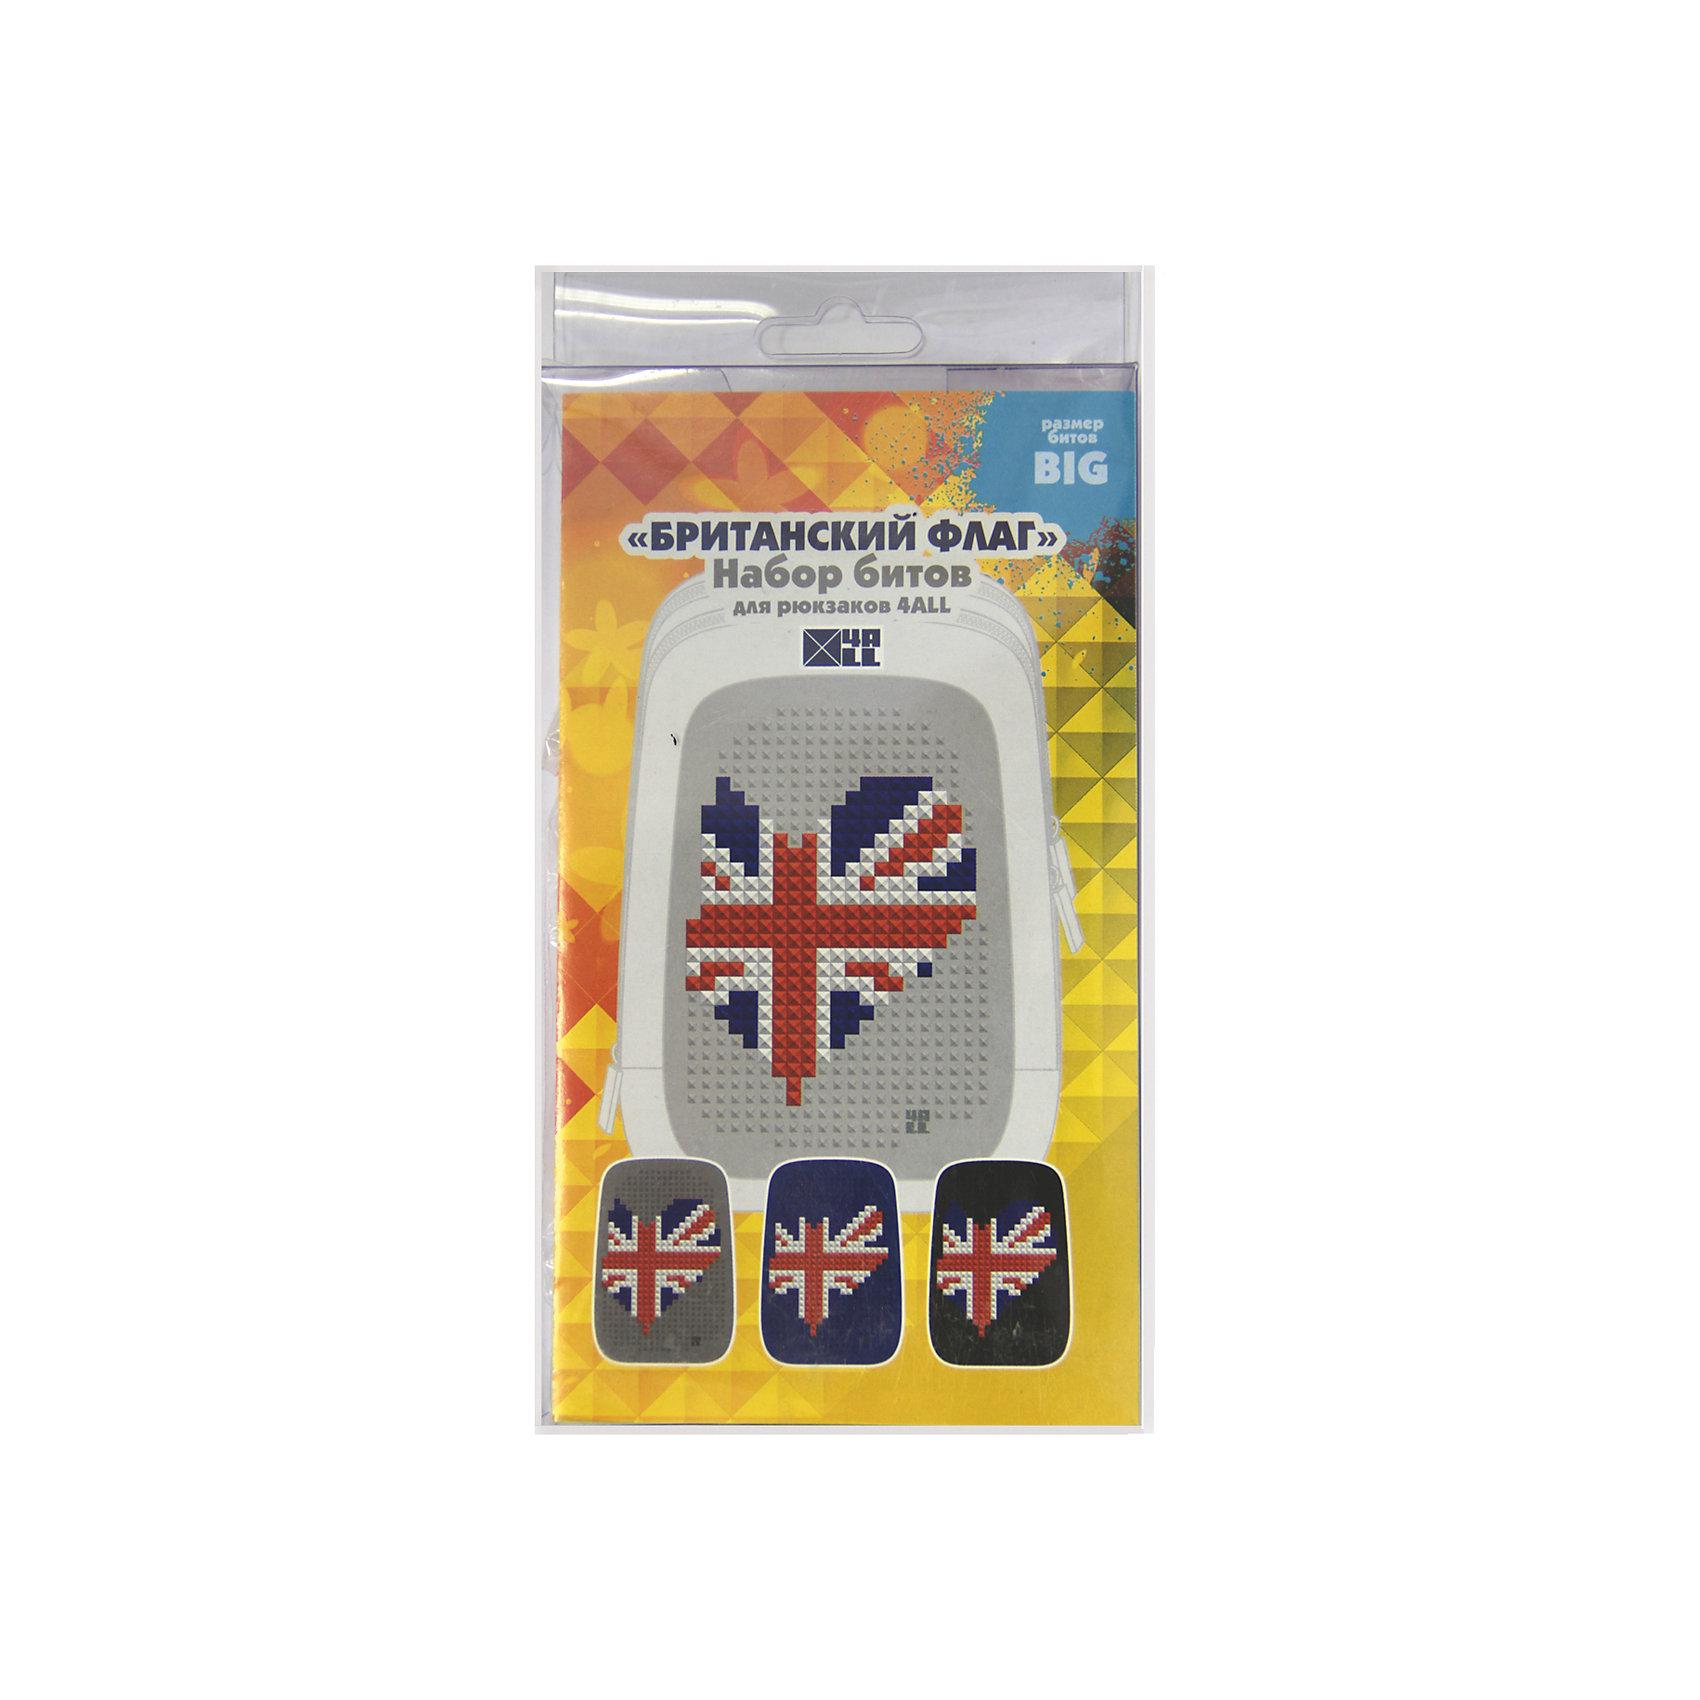 Набор для рюкзака 4ALL пиксель-Бит Британский флаг, 289 штРюкзаки<br>Набор для творчества пиксель-Бит Британский флаг, 289 шт.<br><br>Характеристики:<br><br>• Для детей от 3 лет<br>• В наборе: ассорти разноцветных БИТов для 3-х картинок<br>• Количество: 289 шт. (100 белых, 65 синих, 124 красных)<br>• Размер: 0,5х0,5 см.<br>• Материал: высококачественный силикон<br>• Упаковка: блистер<br>• Размер упаковки: 8х2,5х14 см.<br><br>Набор для творчества пиксель-Бит Британский флаг предназначен для декорирования рюкзаков серии 4ALL Case. В набор входят разноцветные биты для пикселей, с помощью которых можно создать 3 картинки (британский флаг в форме сердца, надпись 007 и сердце с большой буквой «I»). Биты легко и прочно крепятся на переднюю панель рюкзака Case благодаря уникальной конструкции замка. Набор изготовлен из высококачественного гипоаллергенного силикона. Развивает мелкую моторику рук, творческий потенциал и воображение.<br><br>Набор для творчества пиксель-Бит Британский флаг, 289 шт можно купить в нашем интернет-магазине.<br><br>Ширина мм: 80<br>Глубина мм: 25<br>Высота мм: 140<br>Вес г: 82<br>Возраст от месяцев: 36<br>Возраст до месяцев: 2147483647<br>Пол: Унисекс<br>Возраст: Детский<br>SKU: 5490454